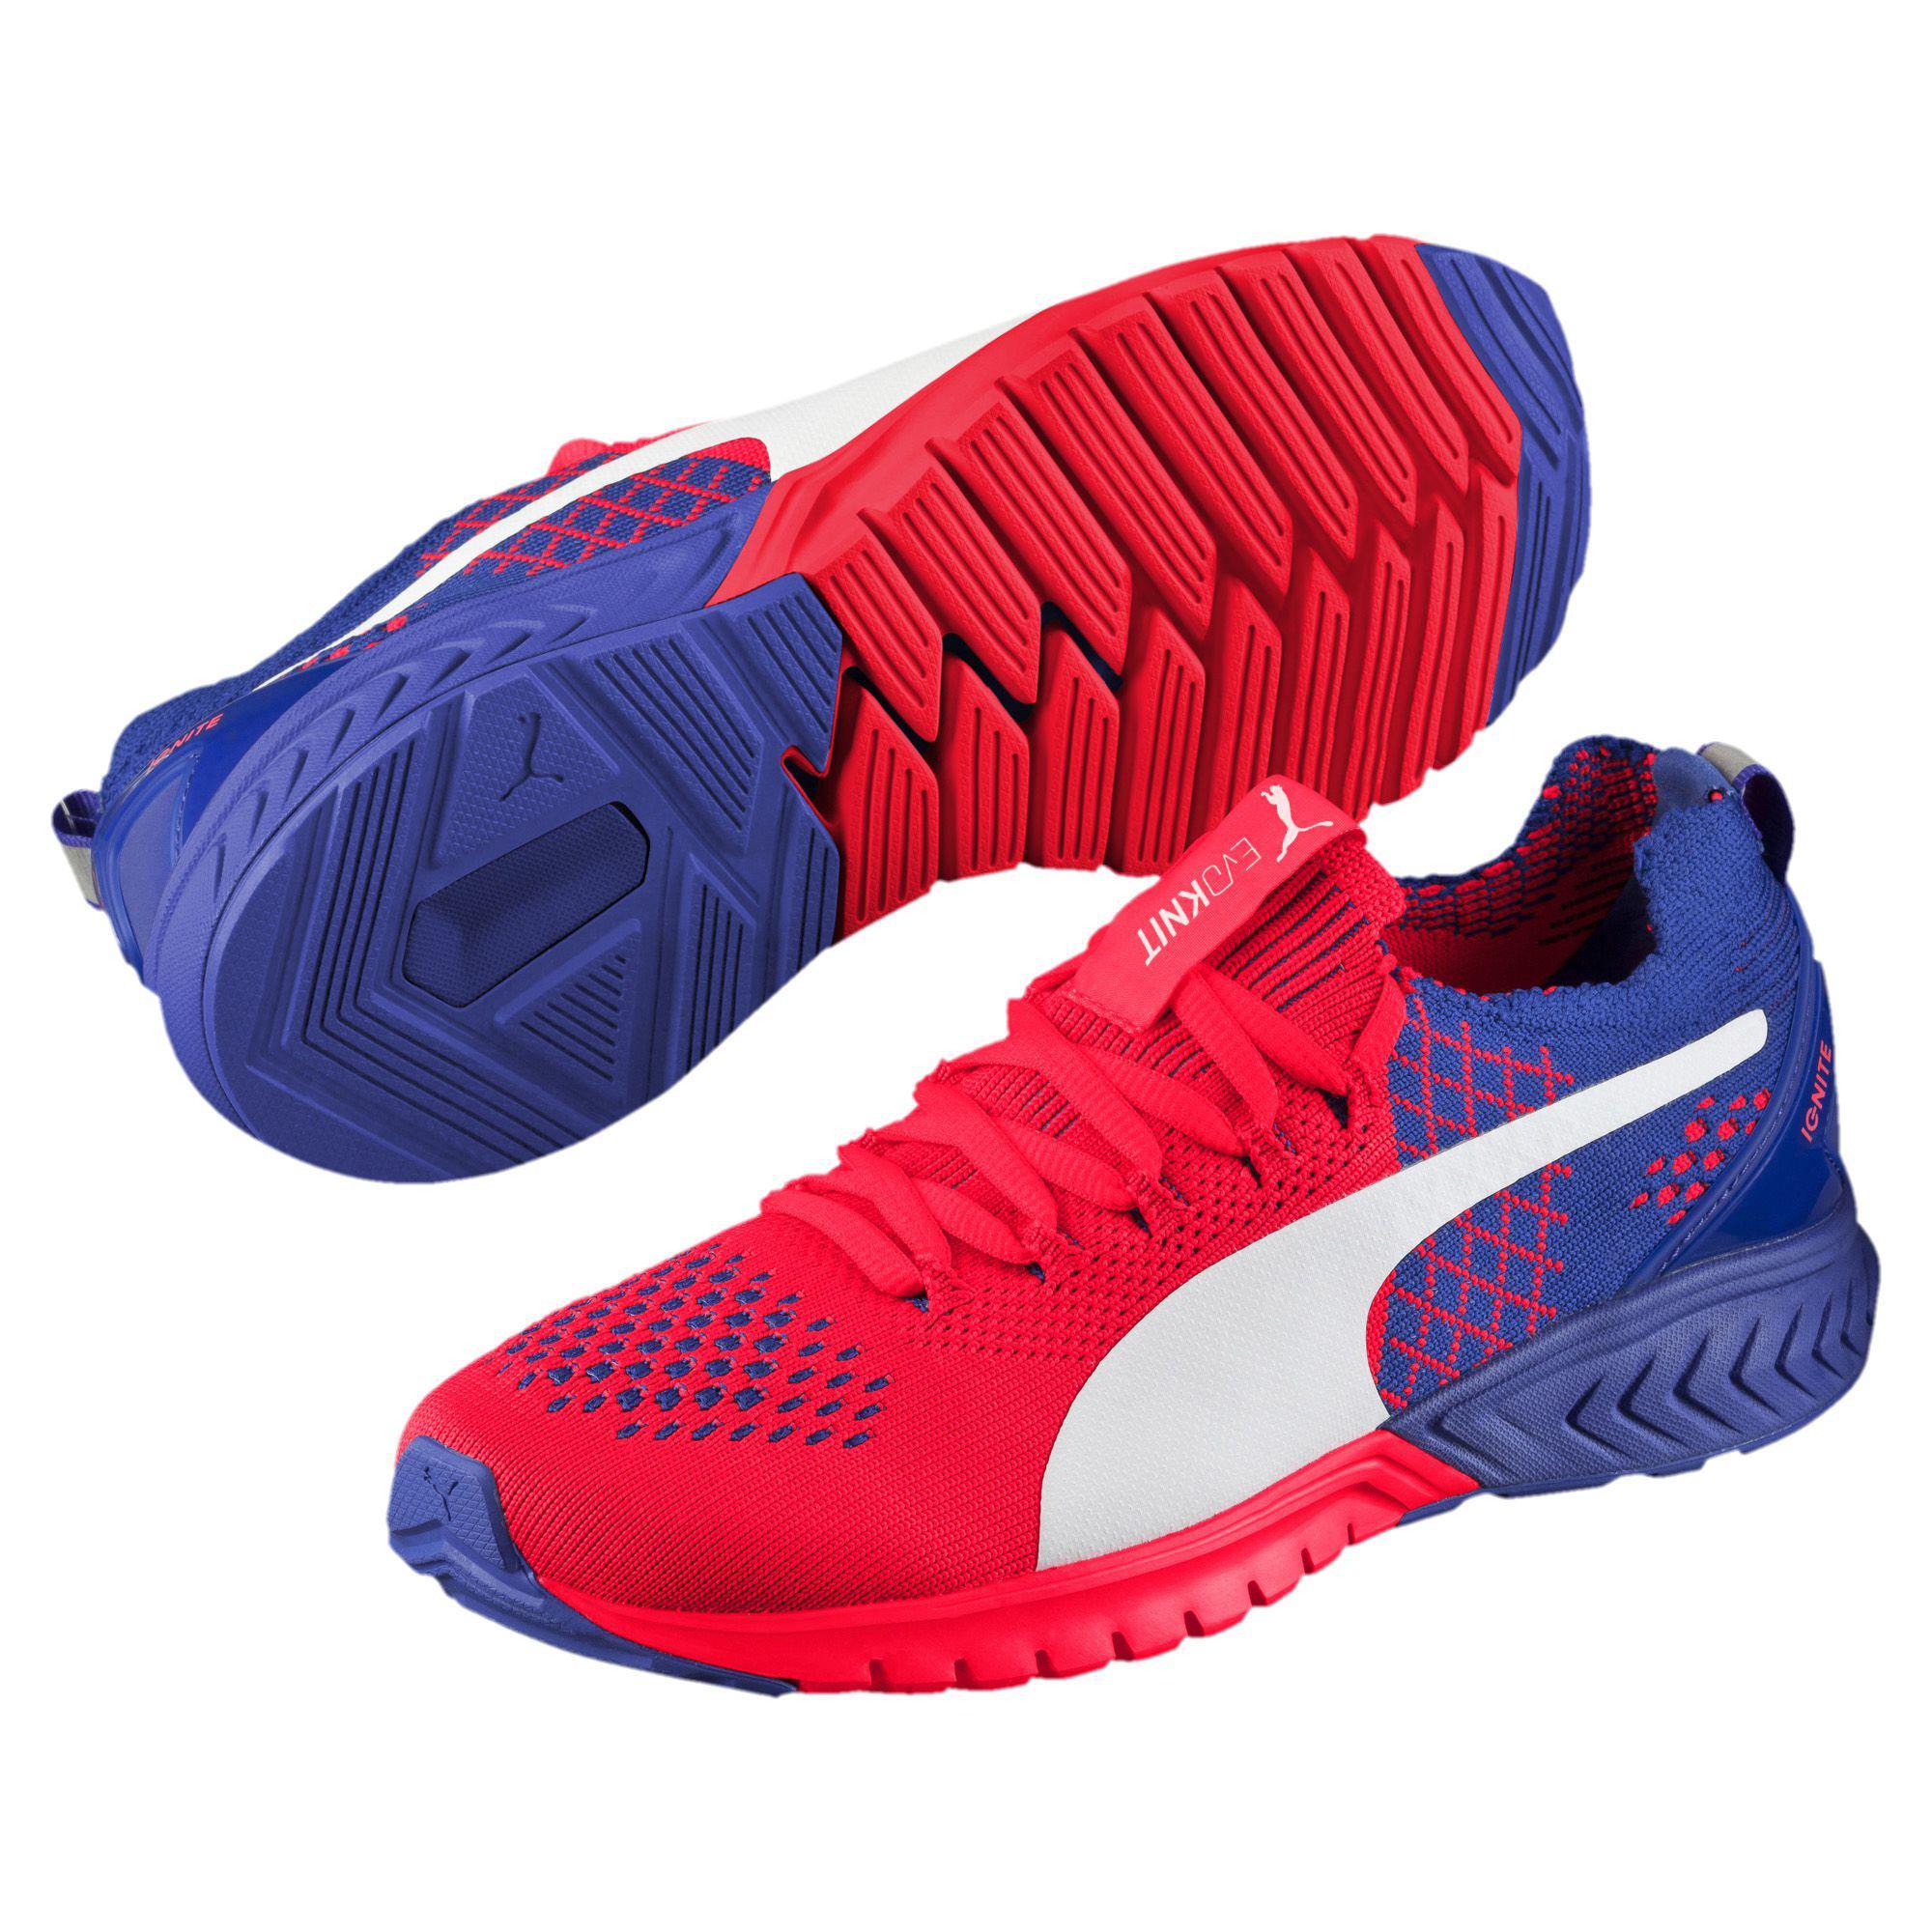 87c5e12e2e99 Lyst - PUMA Ignite Dual Evoknit Women s Running Shoes in Red